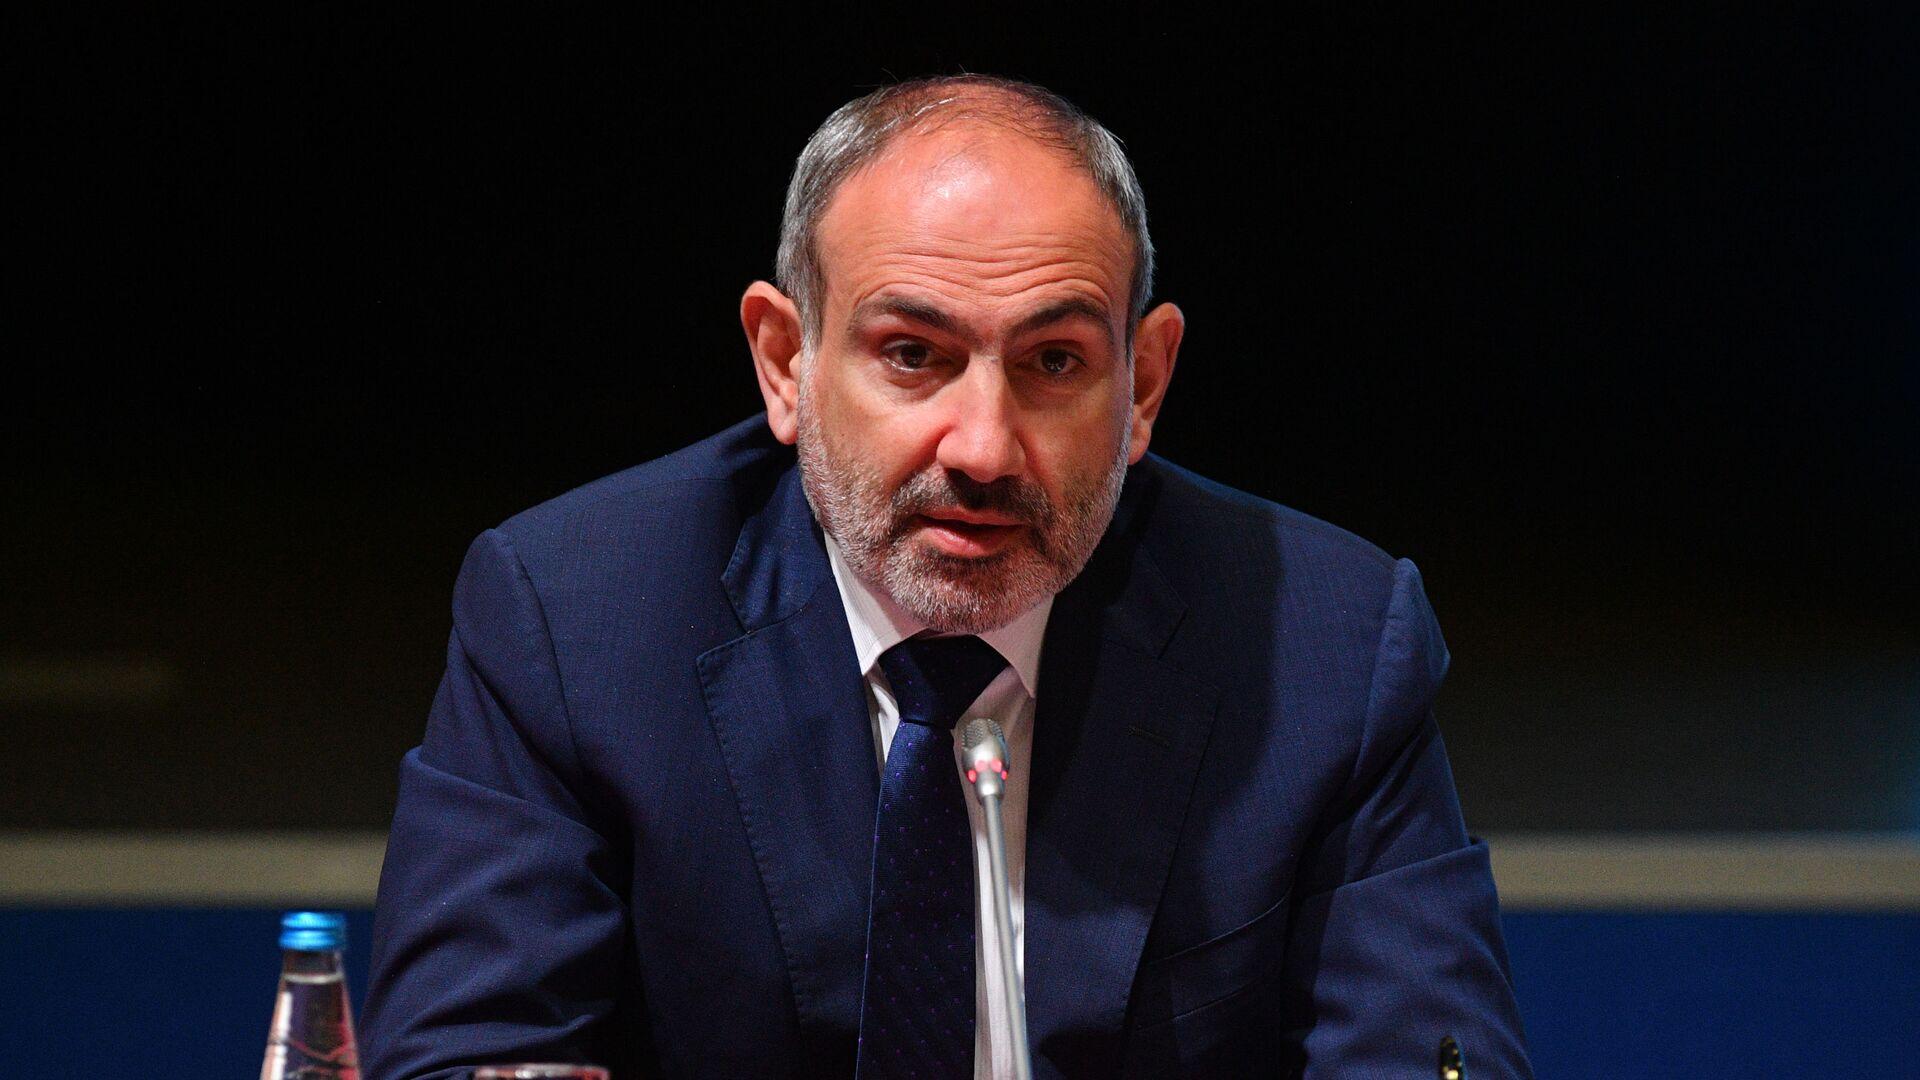 Armenian Prime Minister Nikol Pashinyan (File) - Sputnik Italia, 1920, 20.07.2021